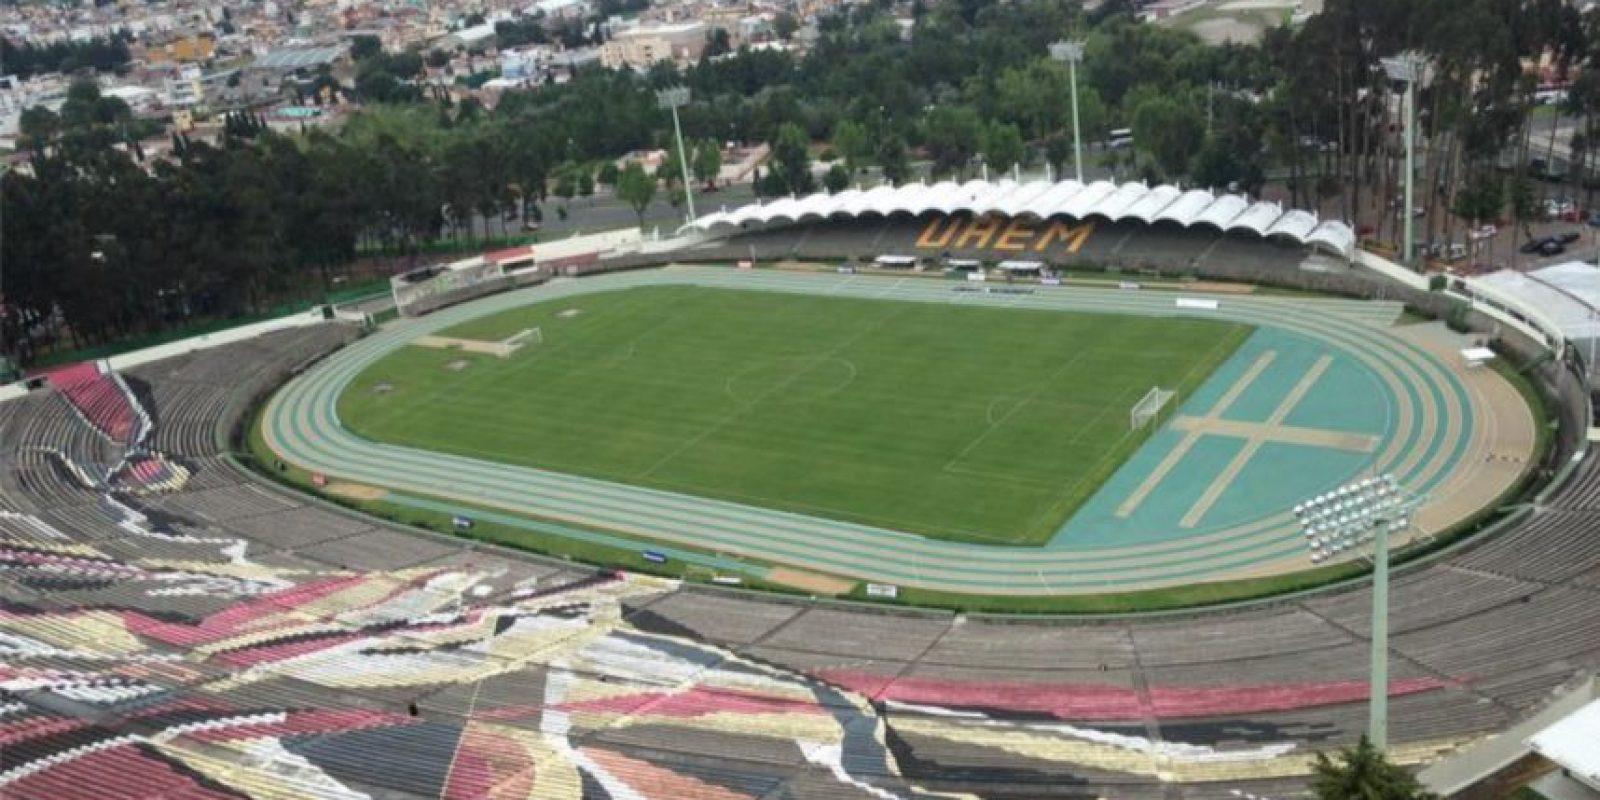 Actualmente lo utiliza el equipo de fútbol Potros de la UAEM, que hoy en día juega en la Liga del Ascenso. Foto:Facebook Potros UAEM